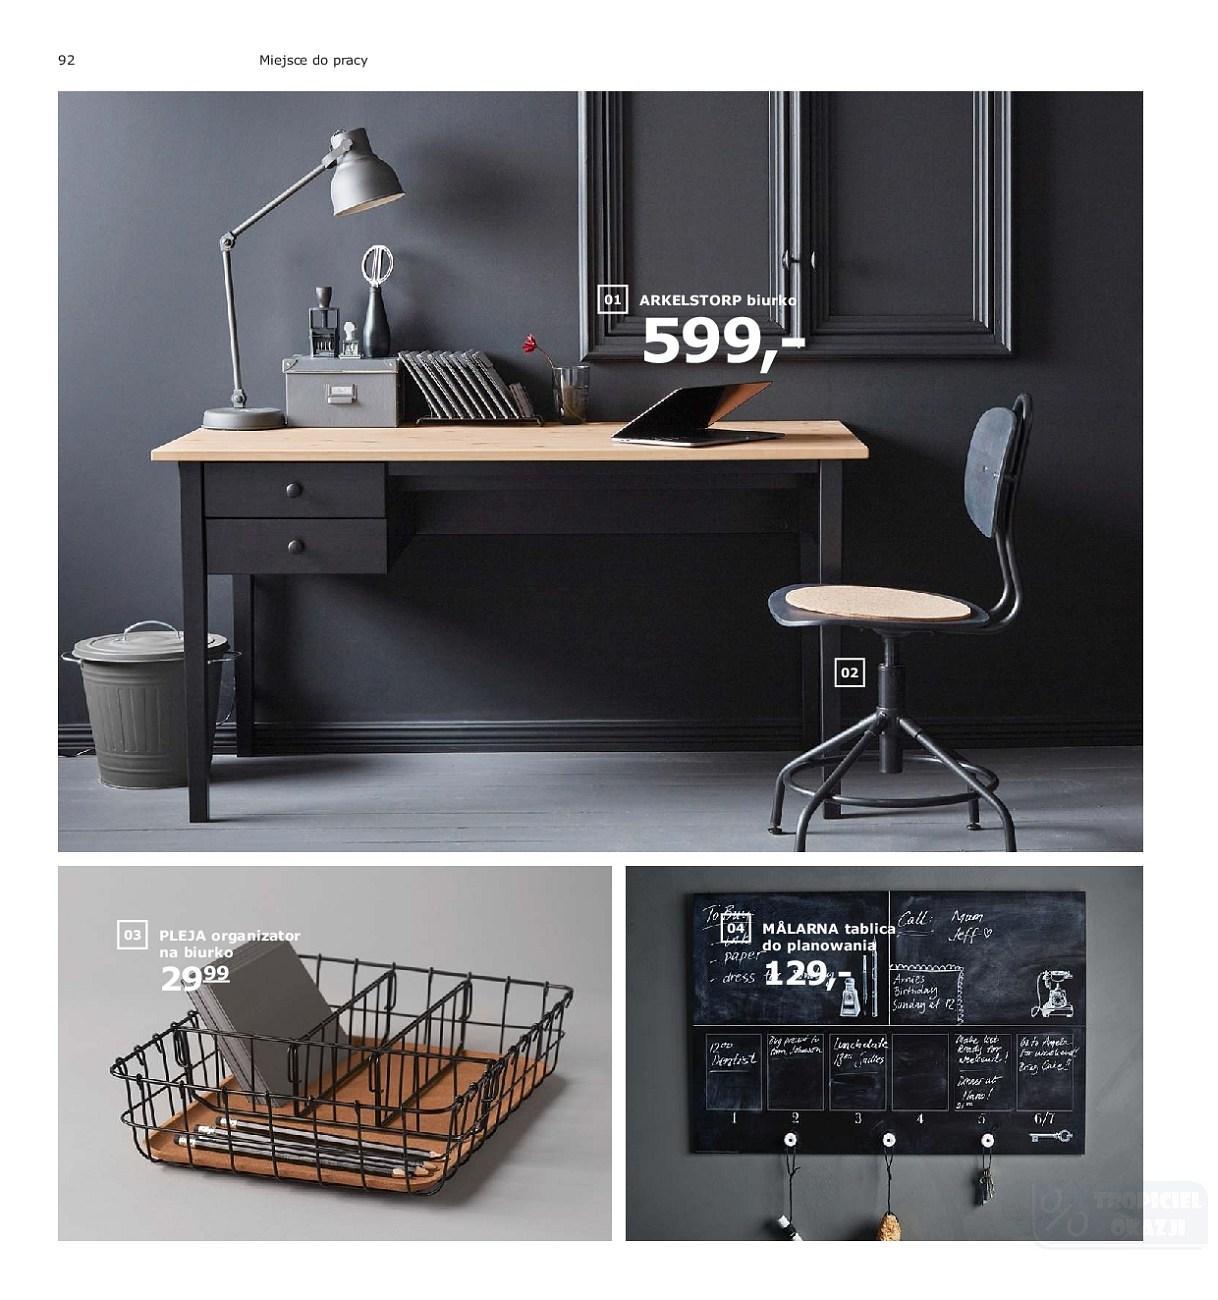 Gazetka promocyjna IKEA do 31/07/2019 str.92